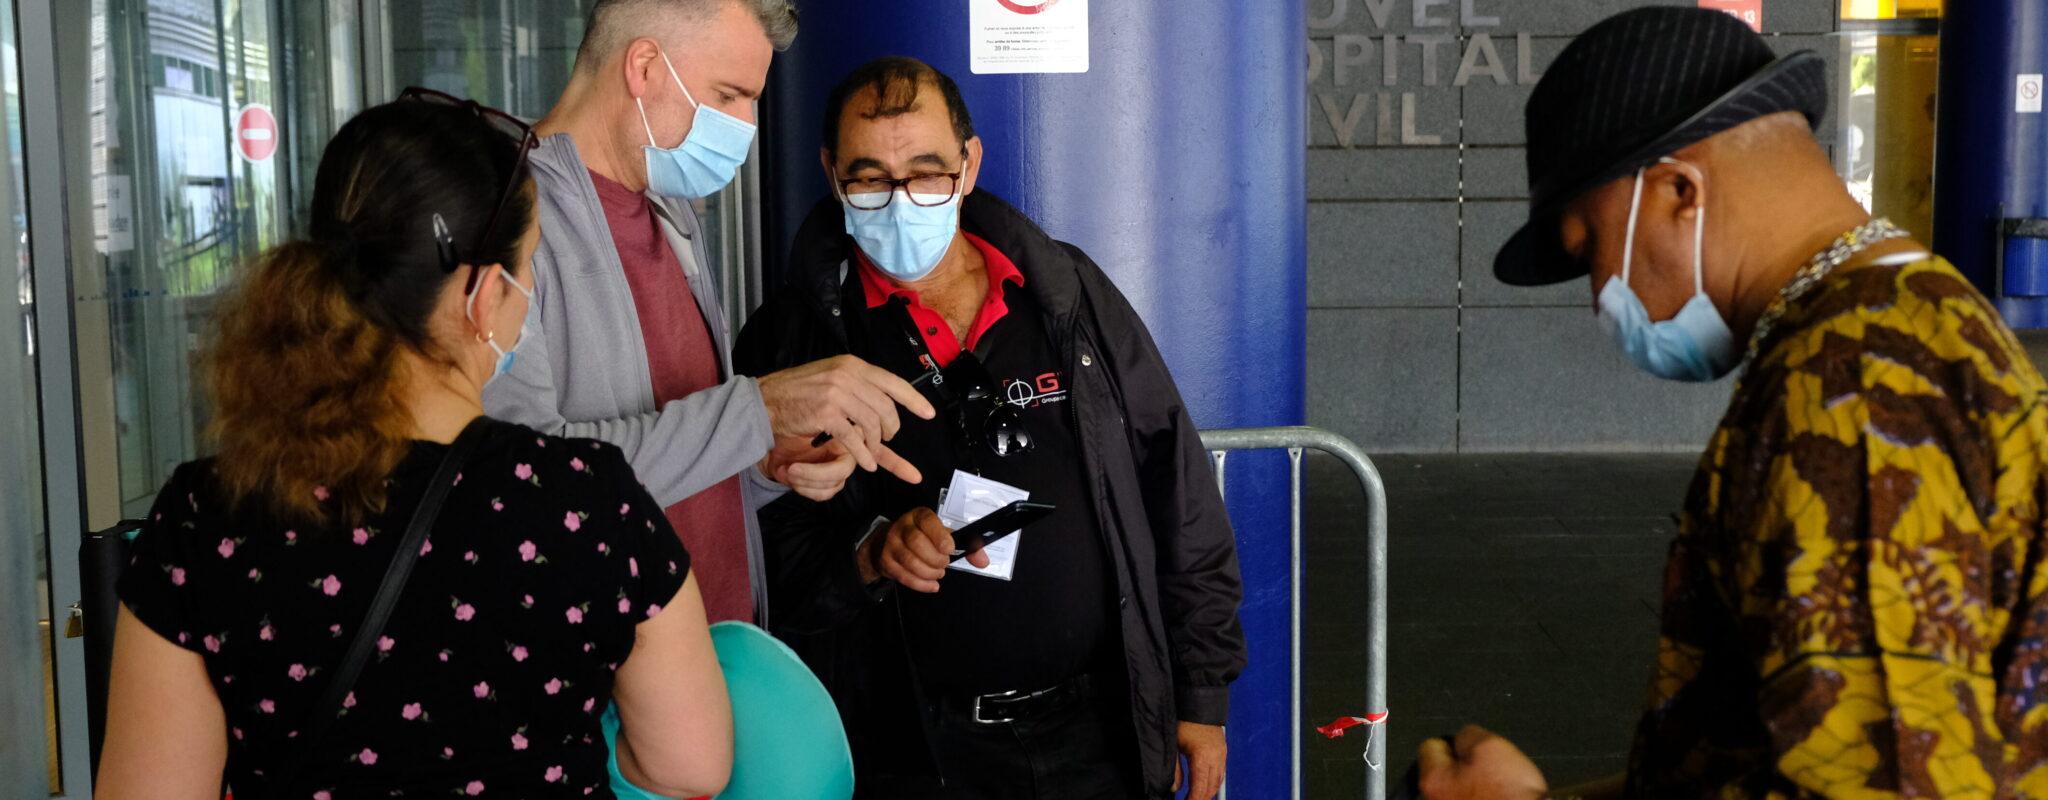 À l'hôpital, la crainte des effets secondaires du passe sanitaire